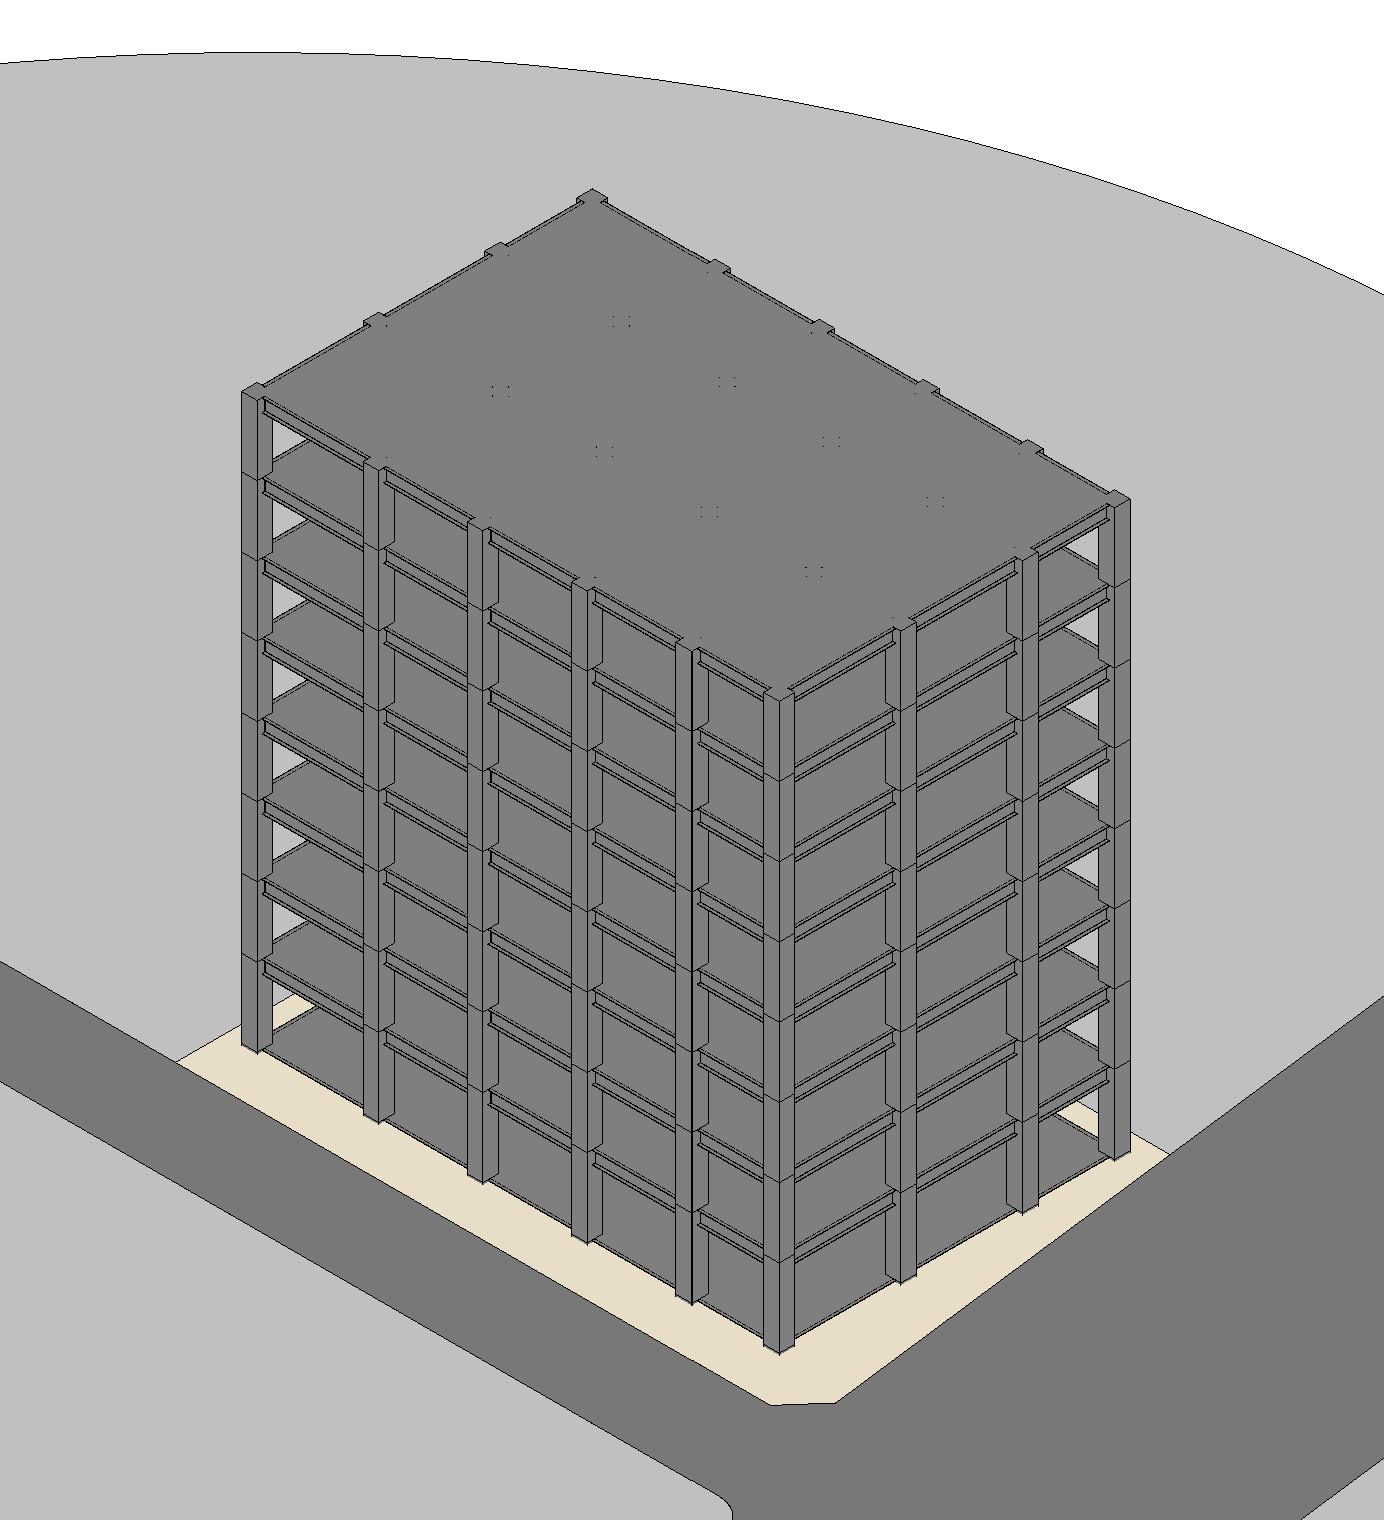 【iD200】①簡易構造モデル作成